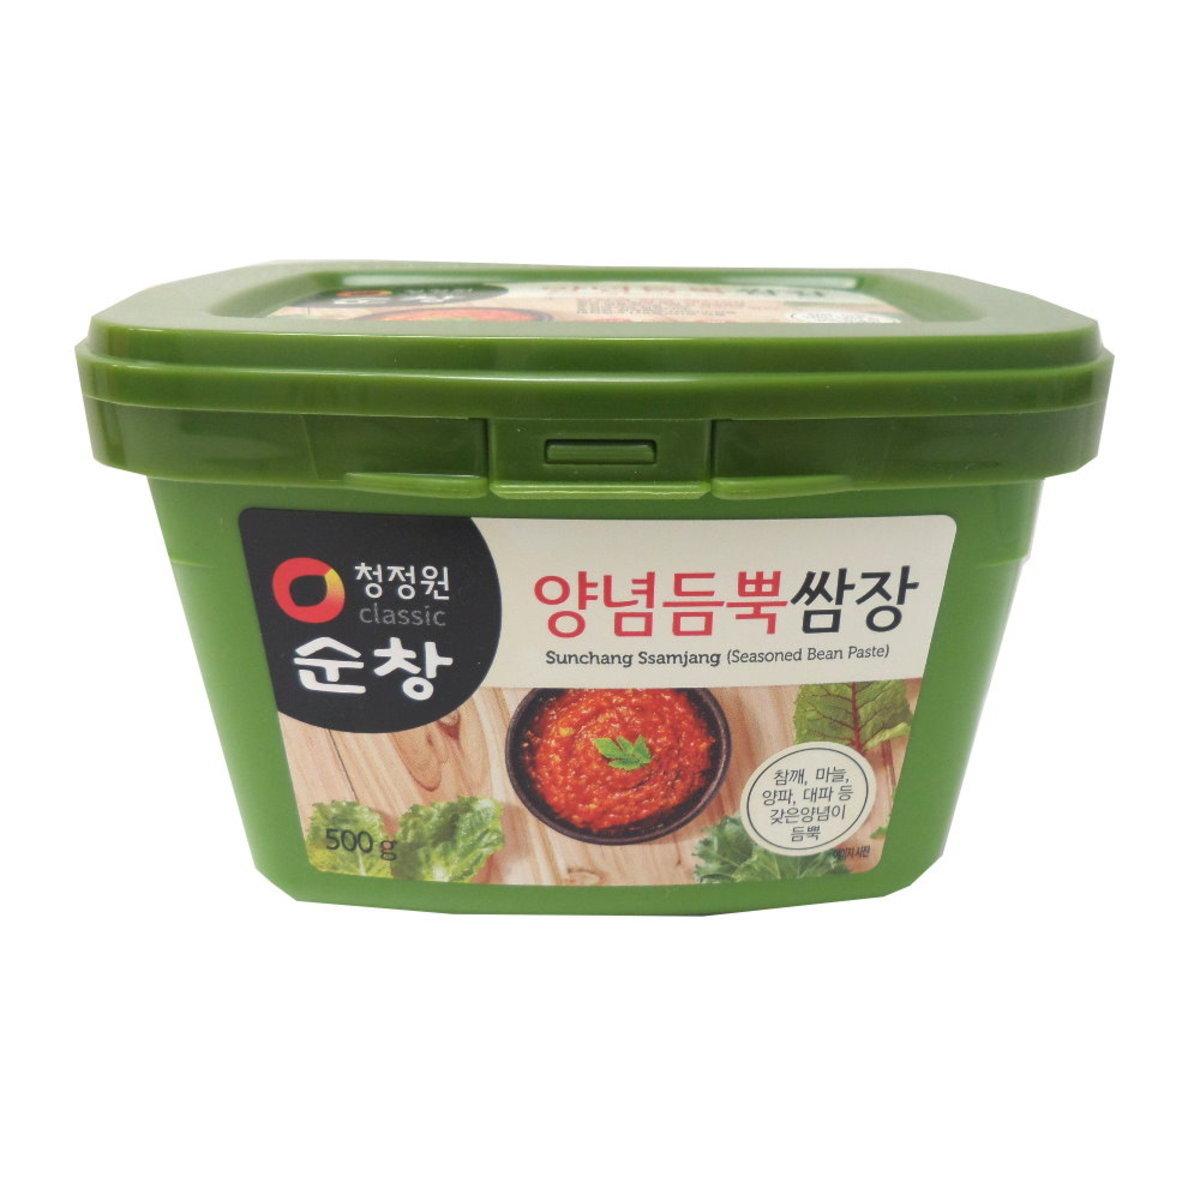 清淨園 韓國麵豉醬(已調味) 500克